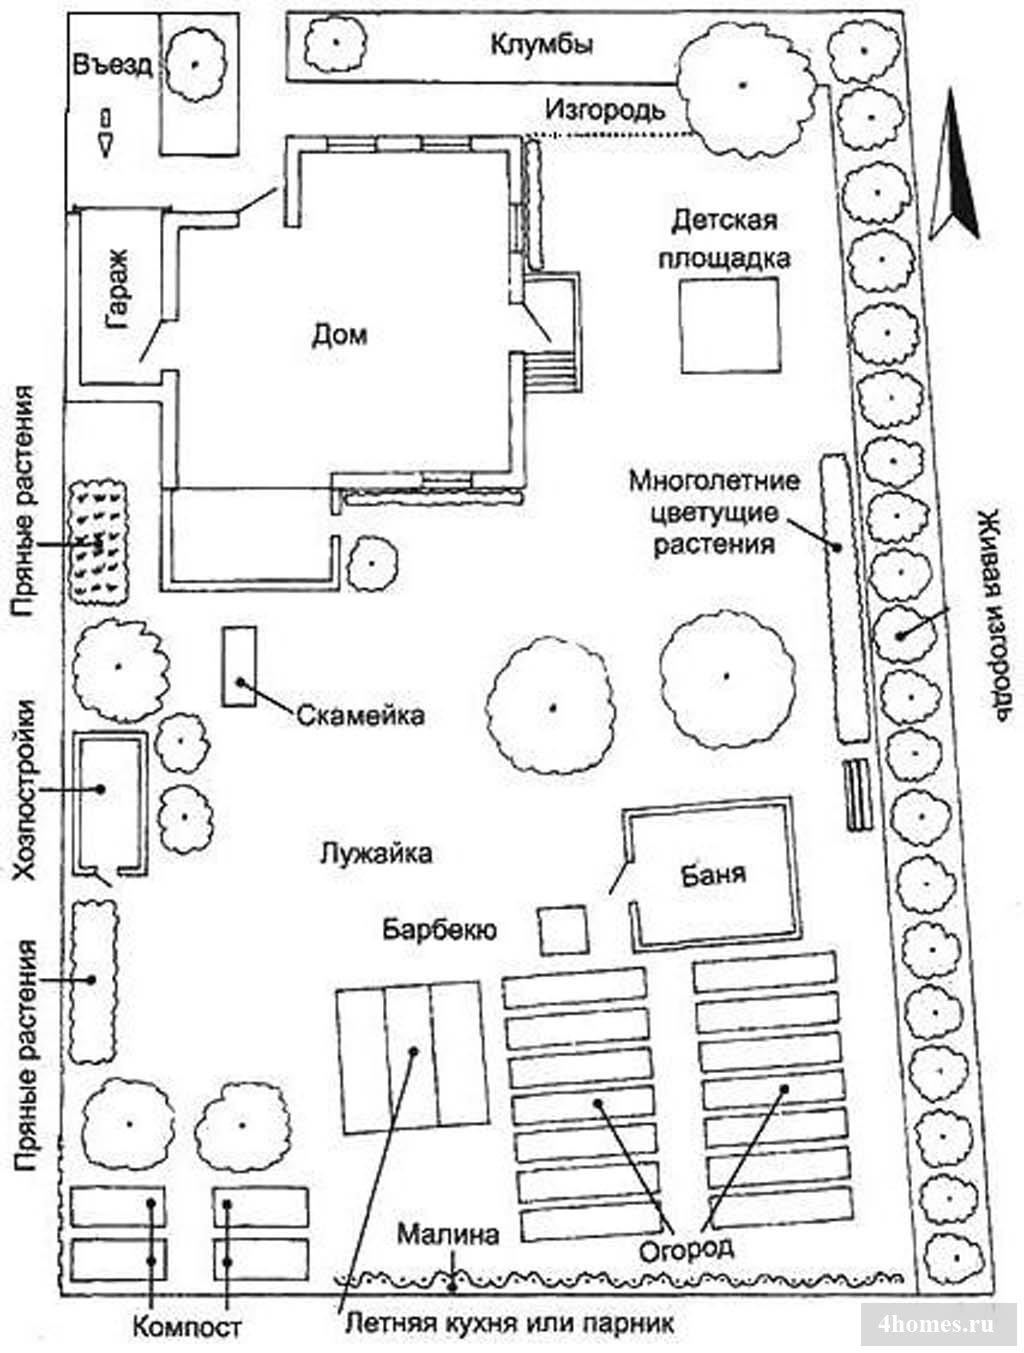 Планировка дачного участка 10 соток схема